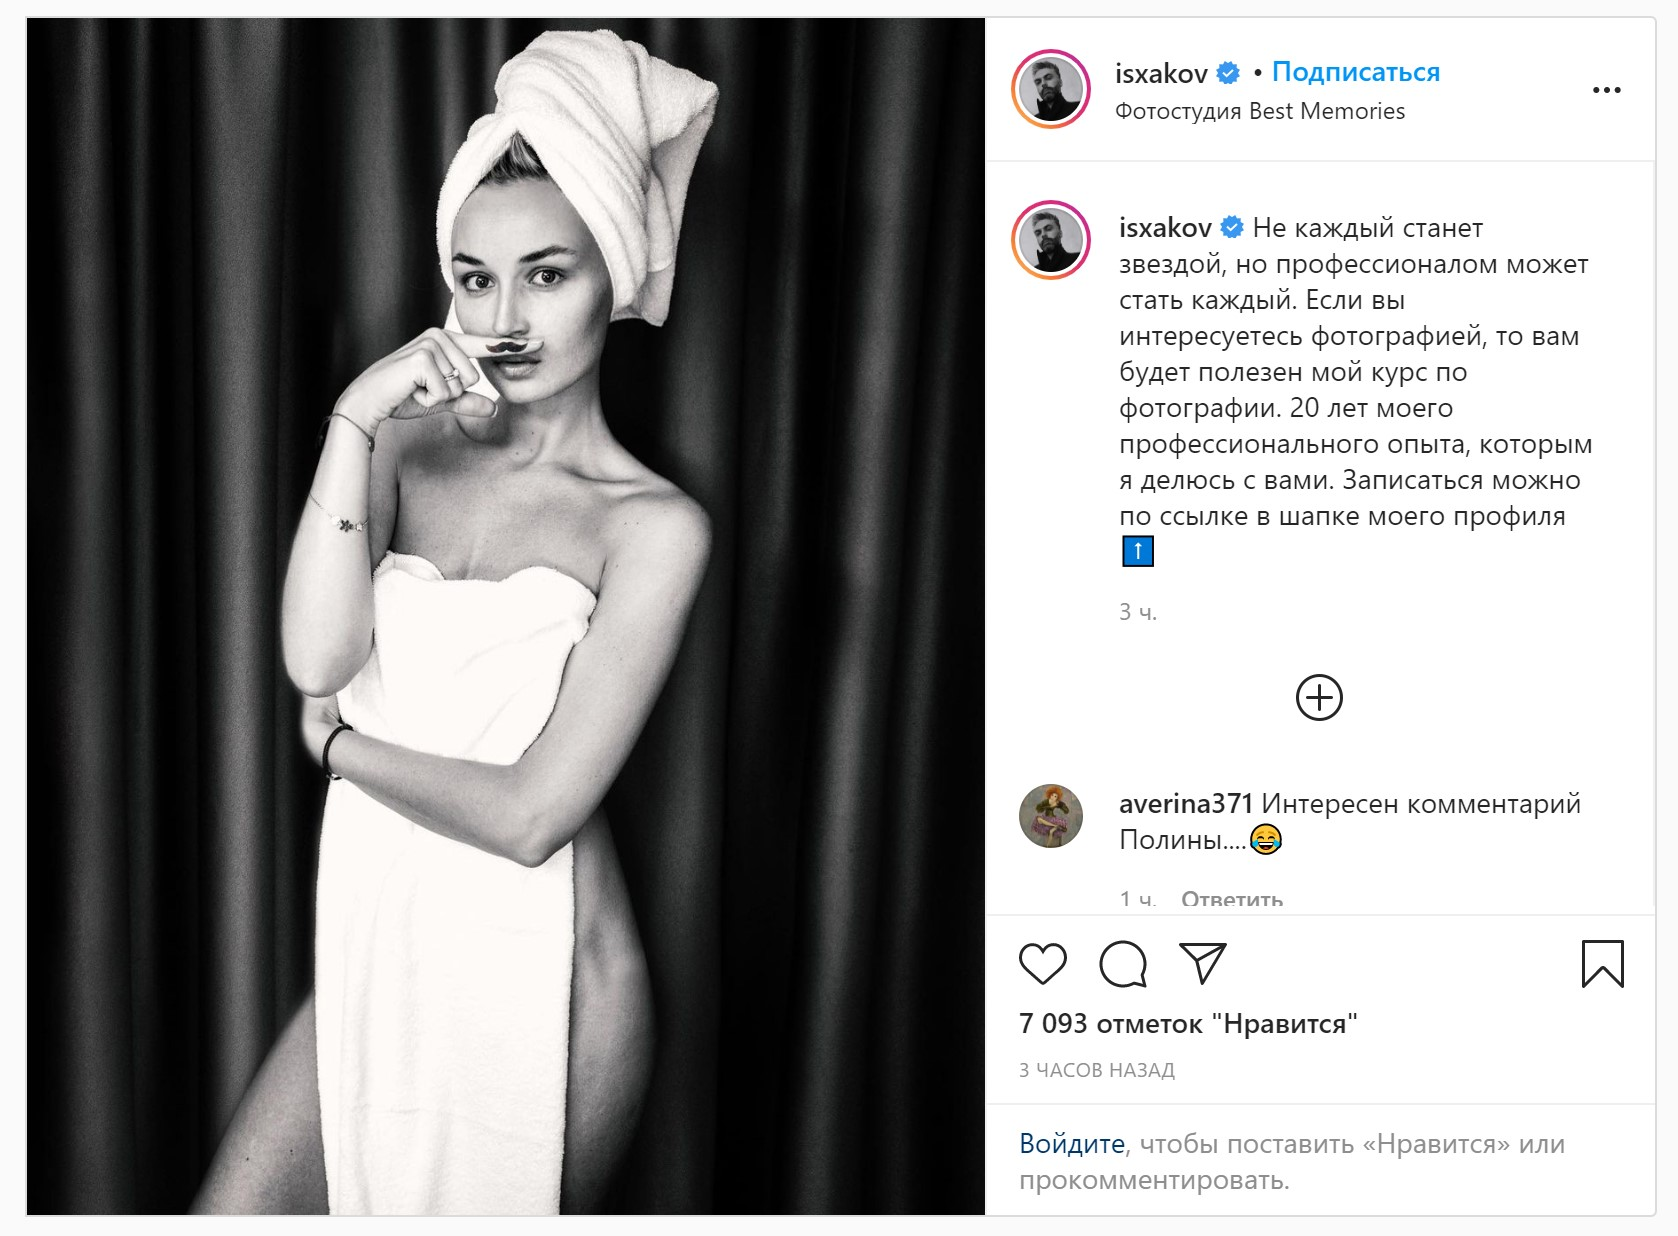 Поклонники обсуждают весьма откровенное фото Полины Гагариной, опубликованное бывшим мужем